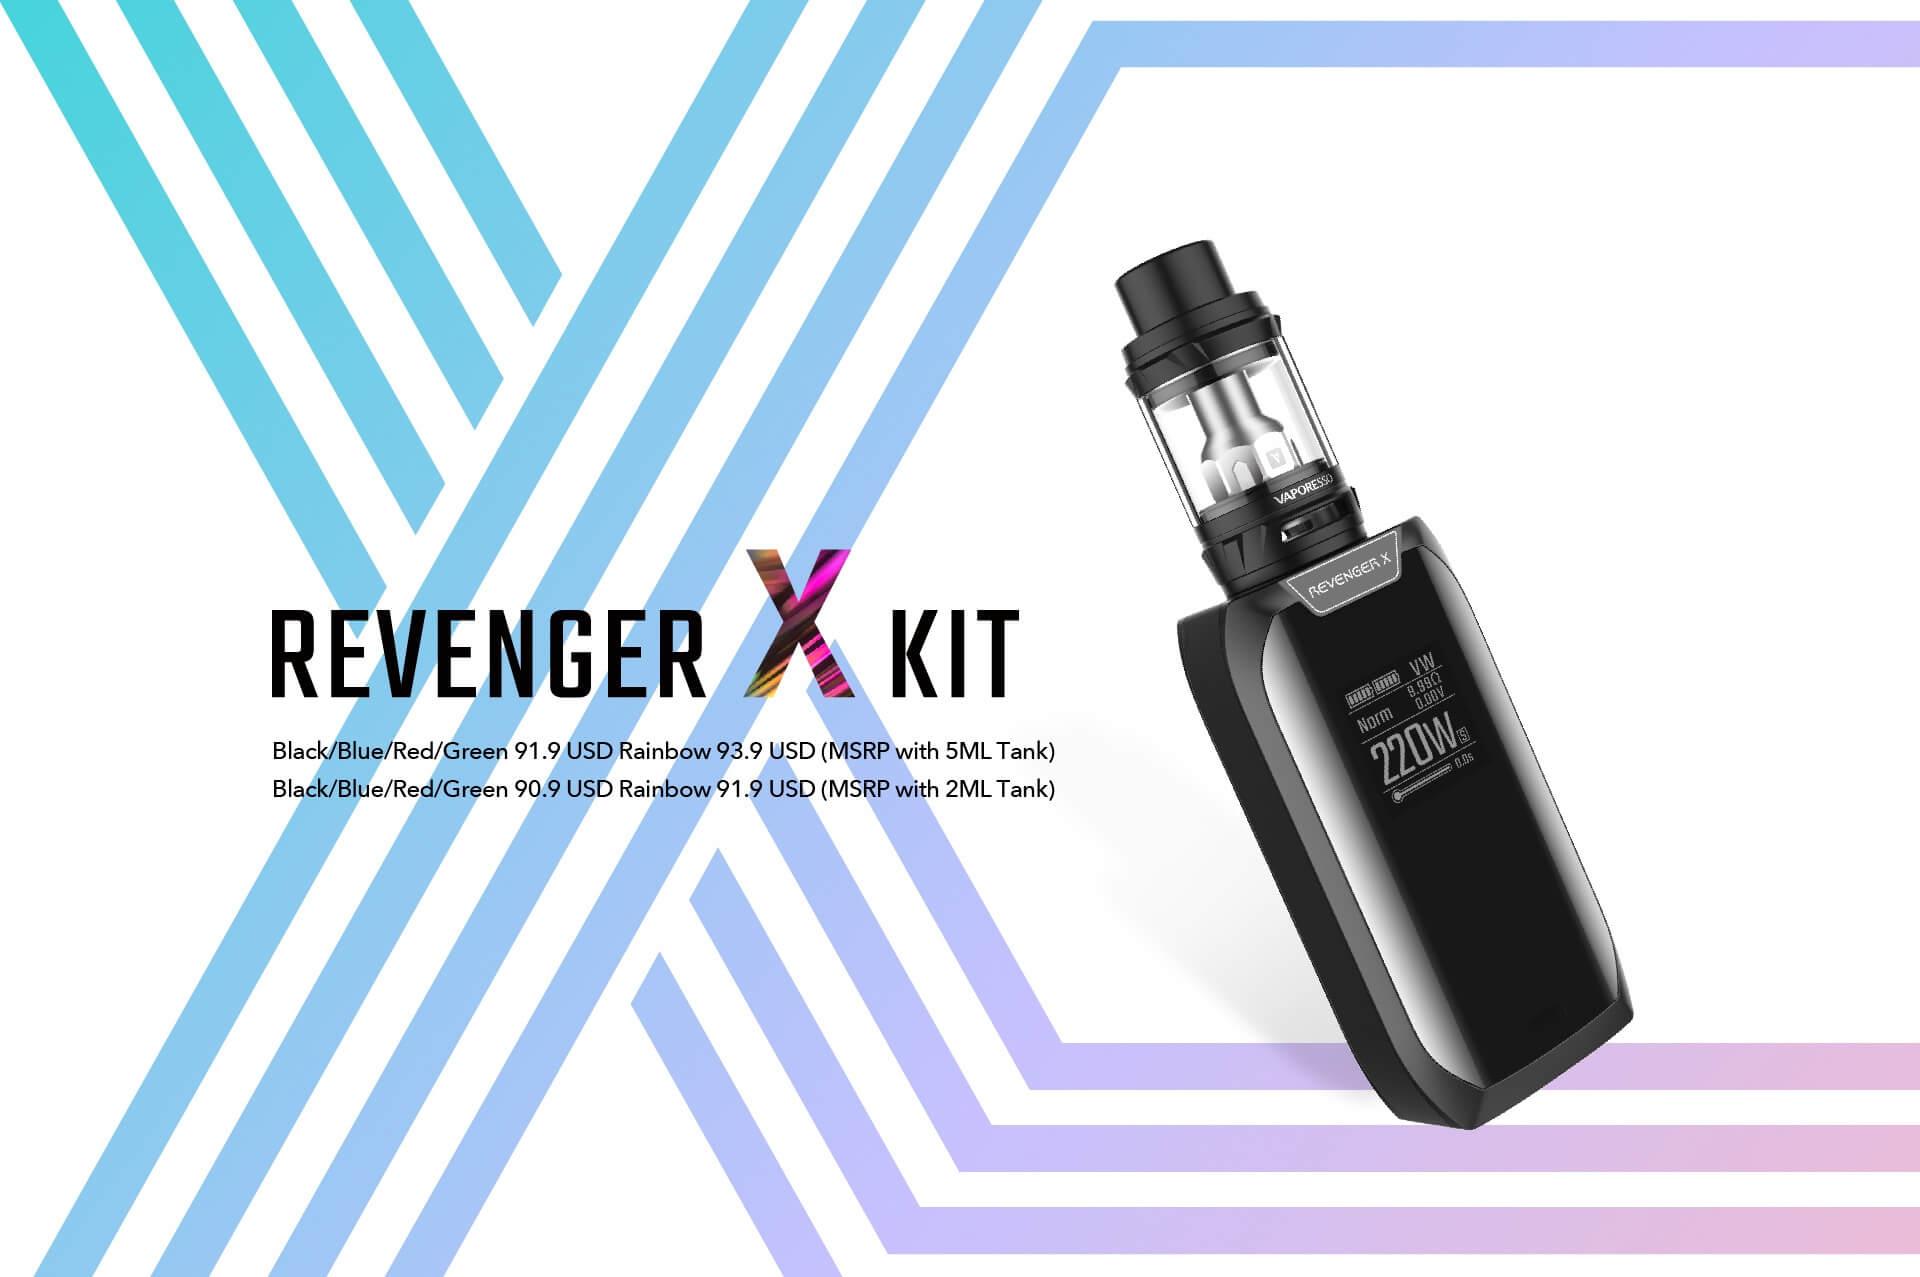 revenger_x_kit_s01.jpg